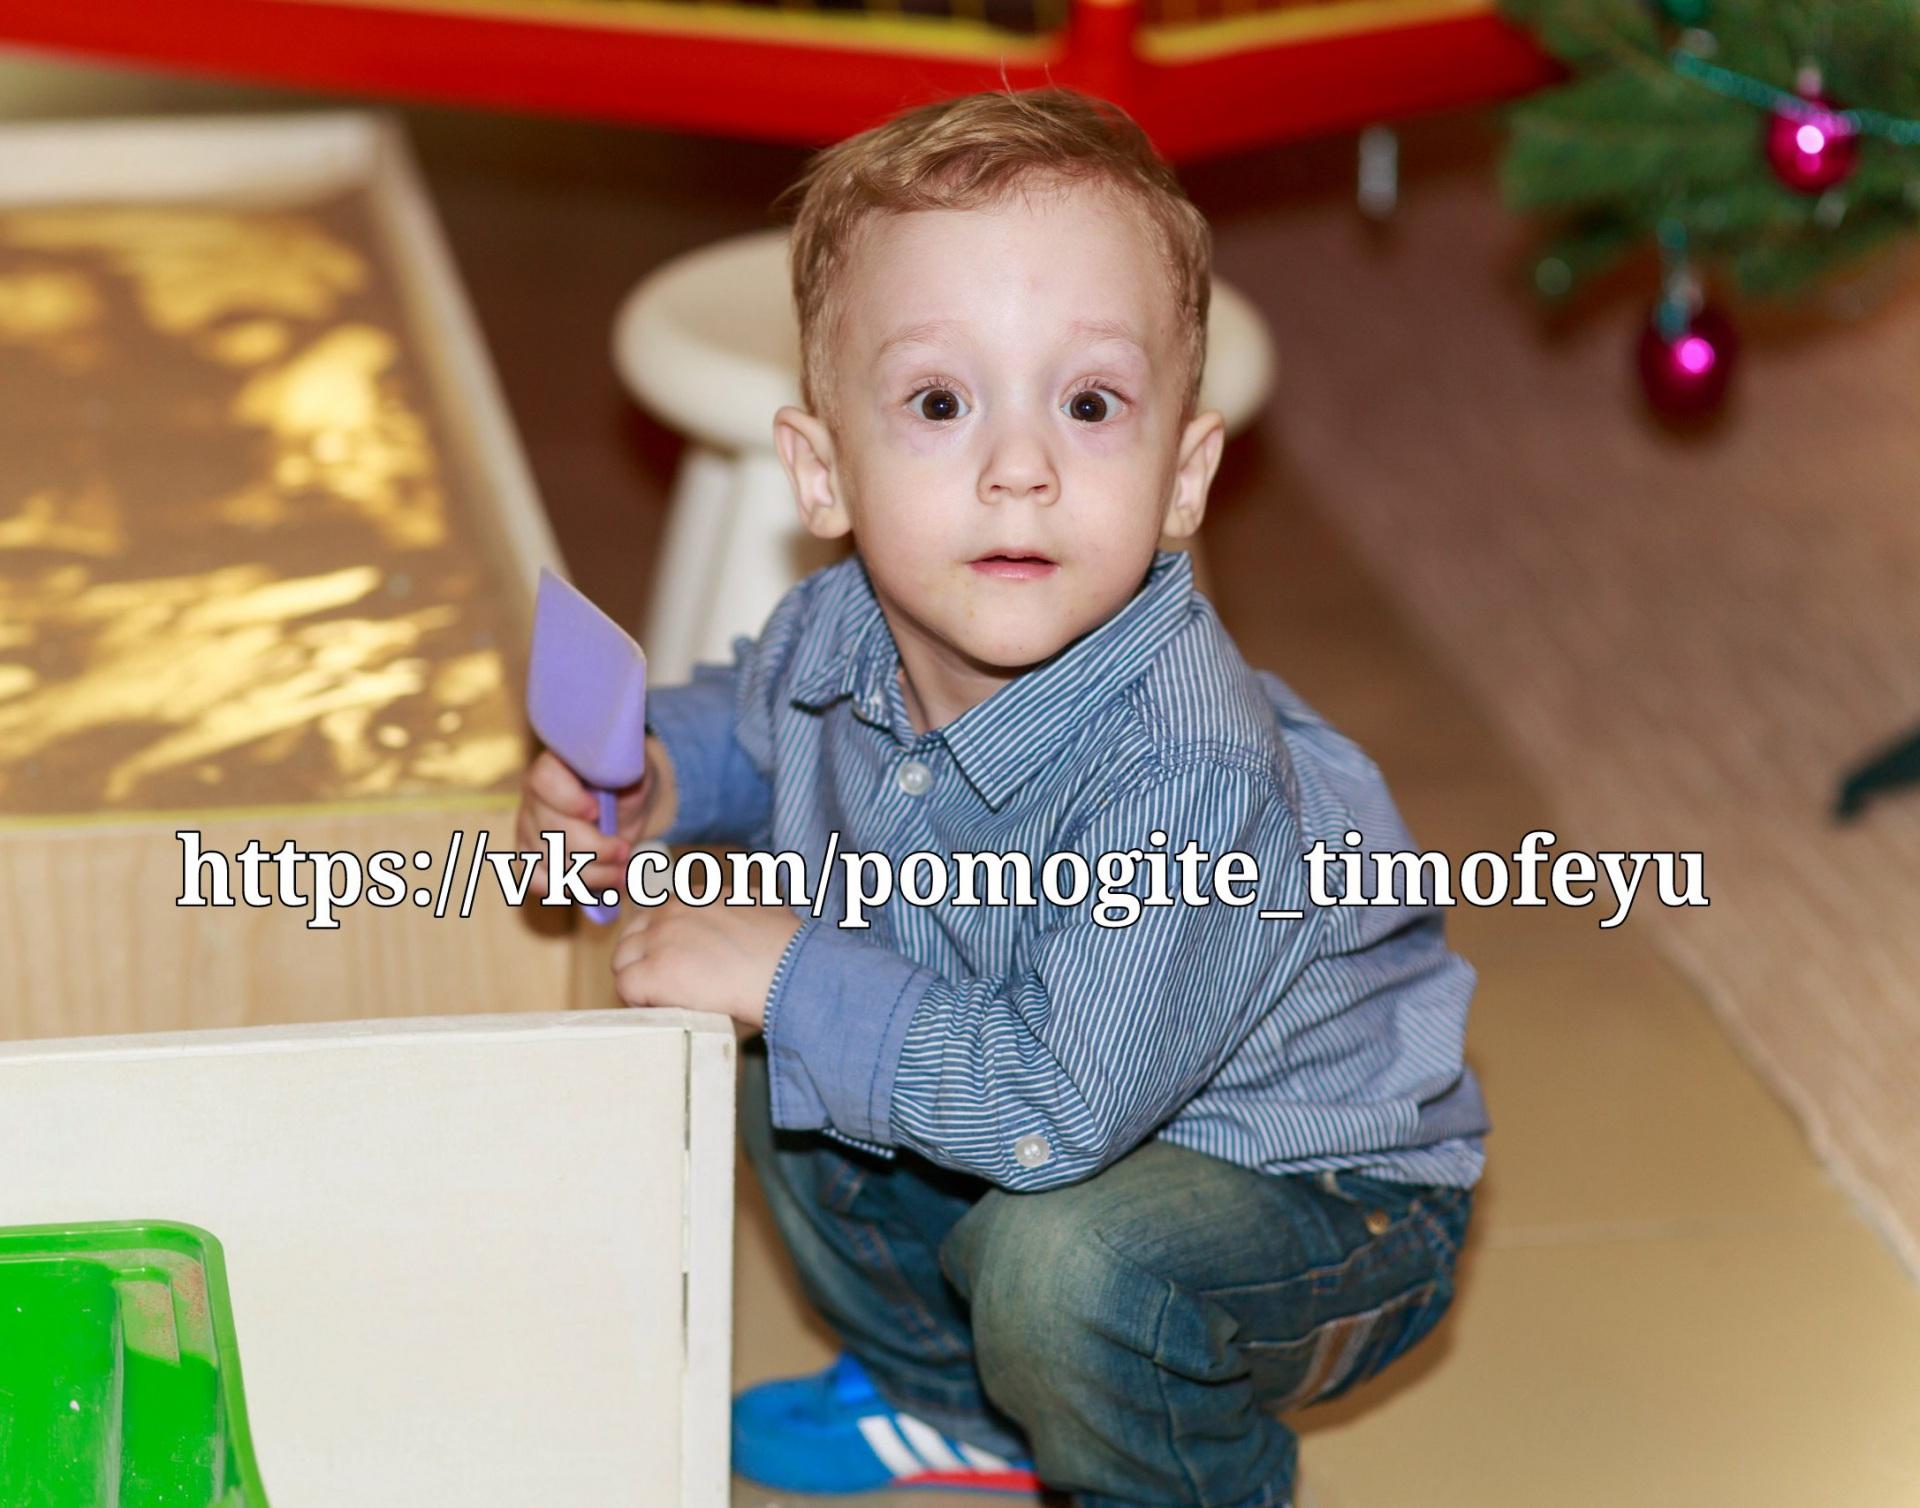 На курс лечения трехлетнему сыктывкарцу Тимофею Звягинцеву собрано более двухсот тысяч рублей